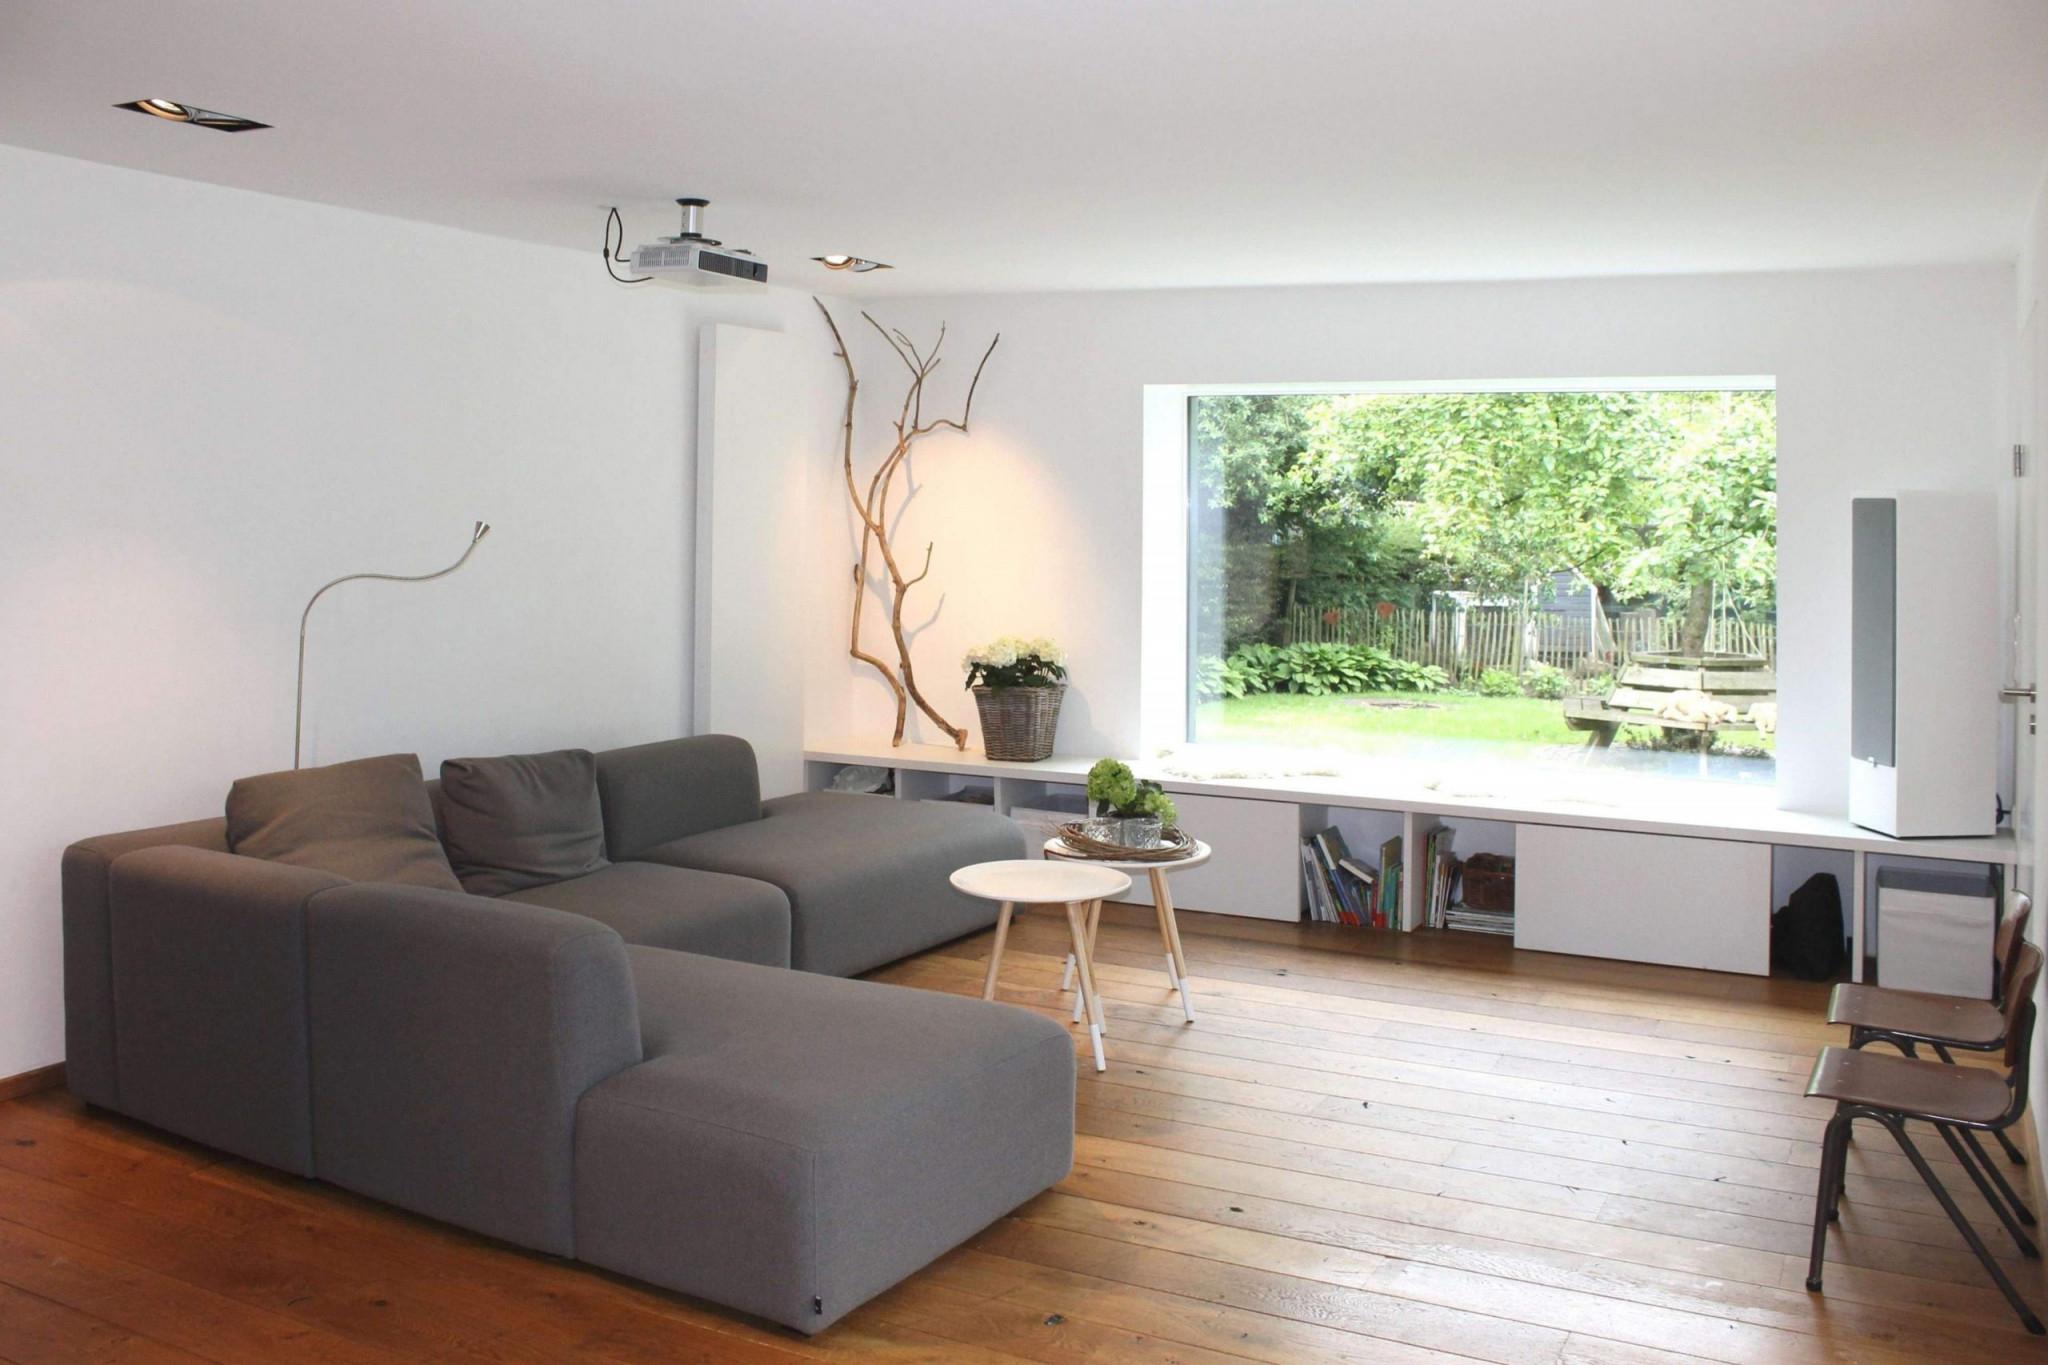 Wohnzimmer Einrichten 3D Luxus 27 Inspirierend Bilder von Wohnzimmer Einrichten 3D Photo